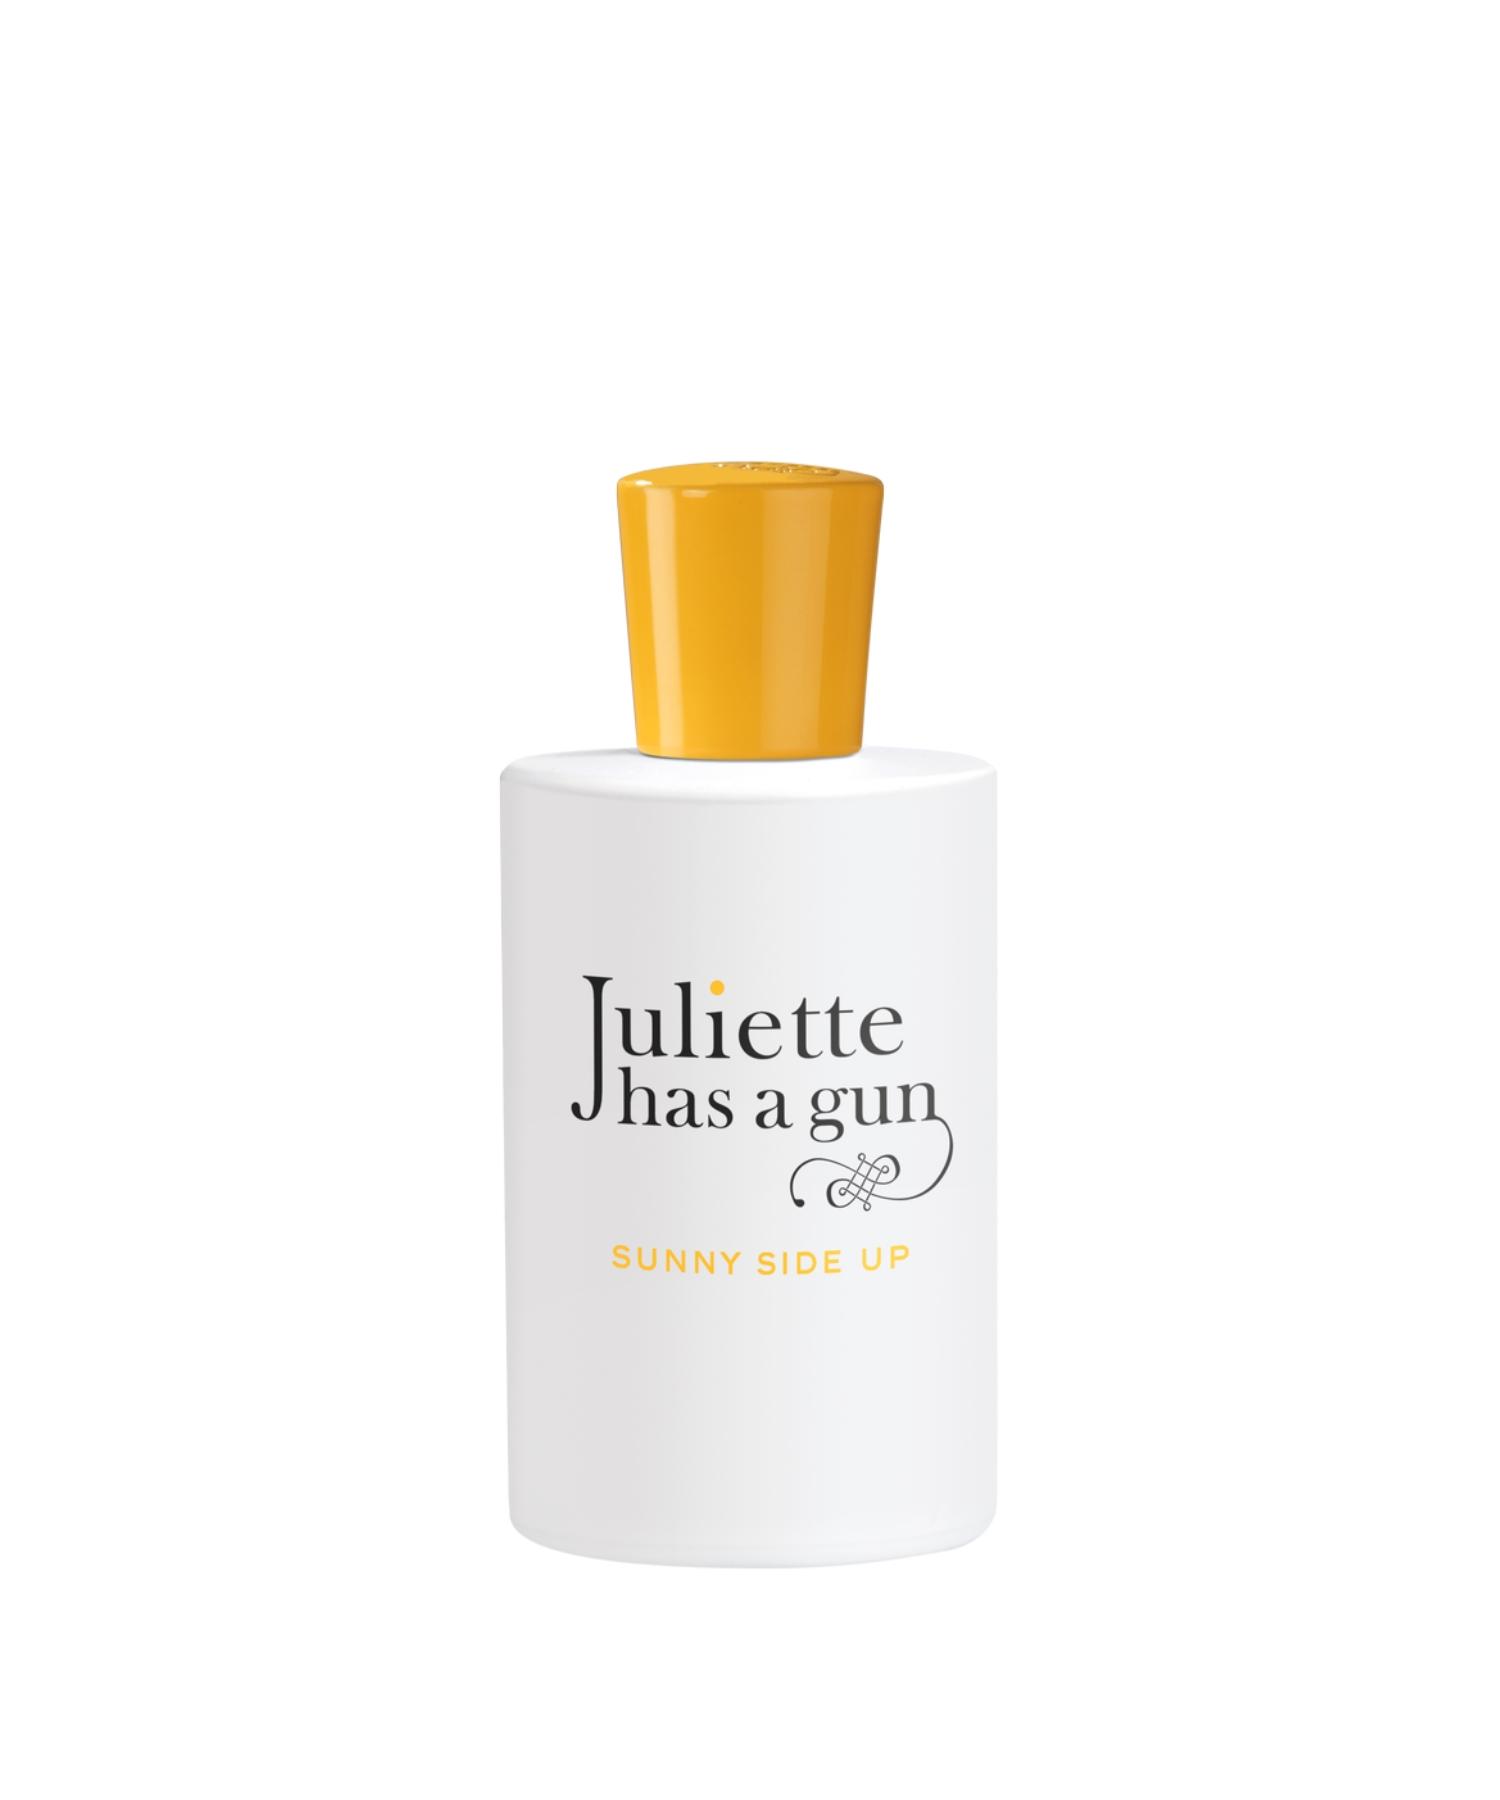 Juliette has a gun Sunny Side Up EDP, 50 ml